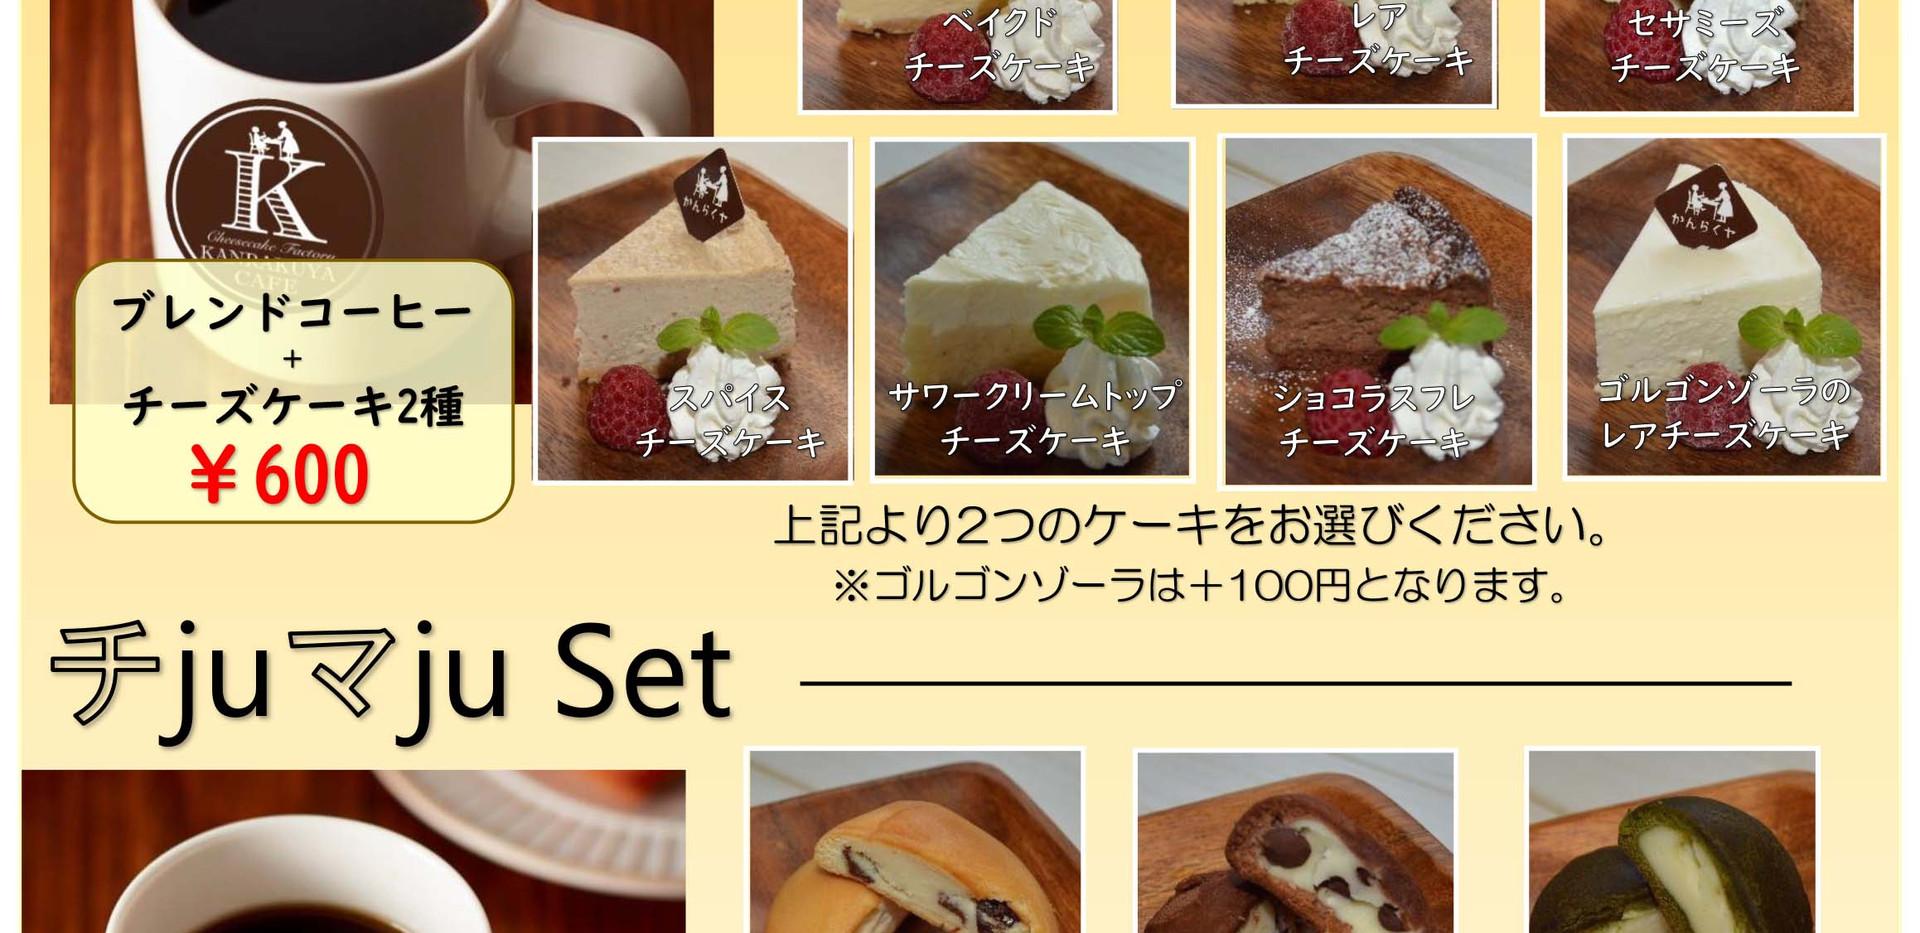 小名浜かんらくヤCafeメニュー-4.jpg